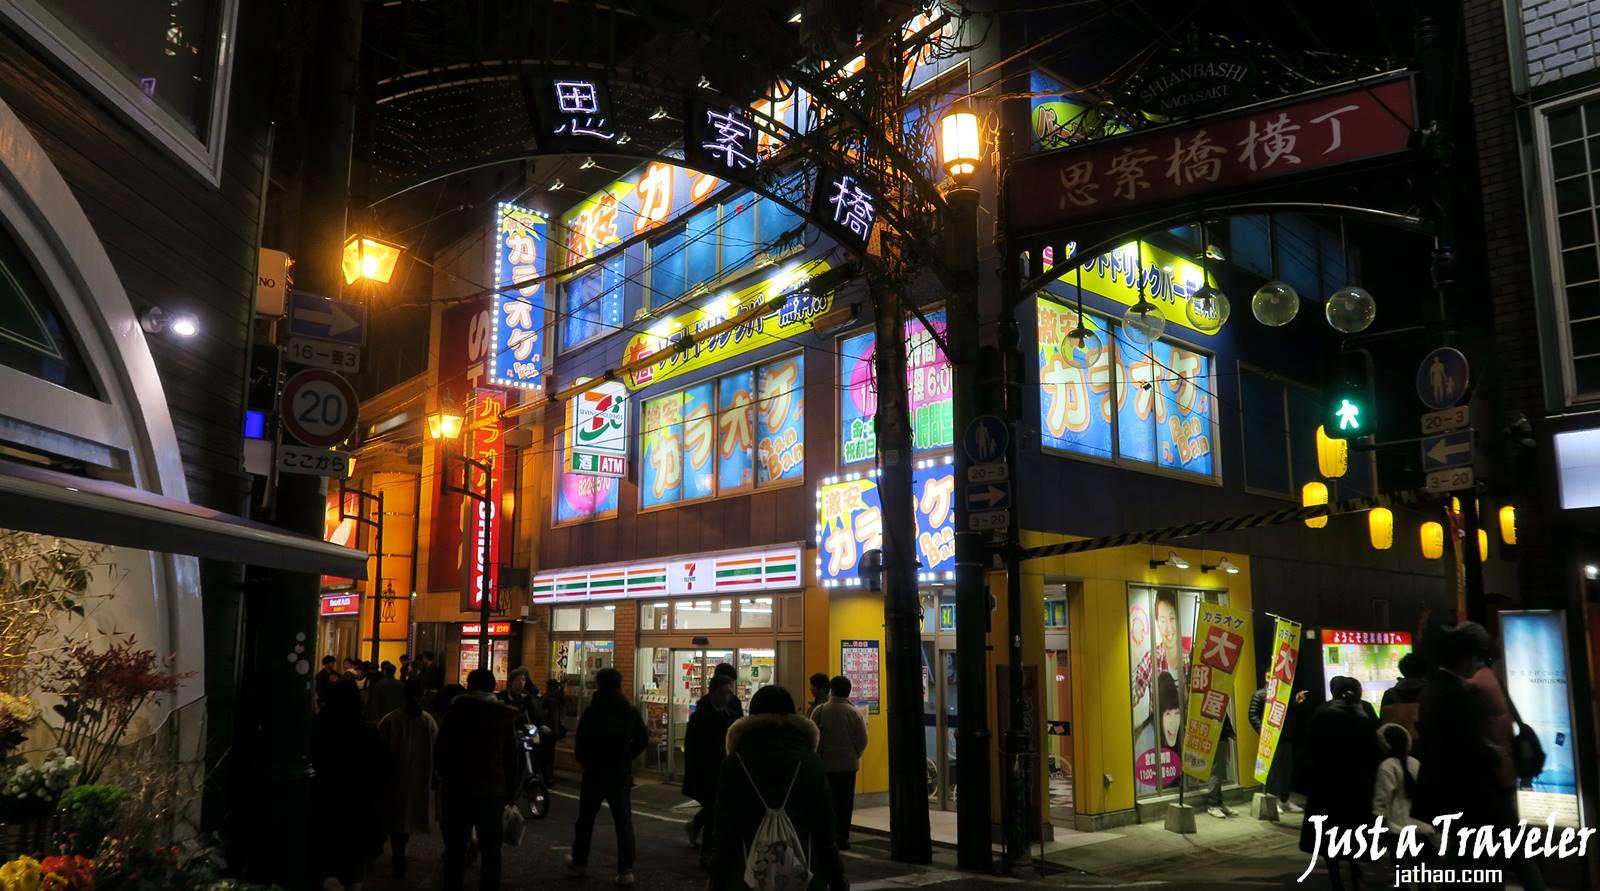 長崎-景點-推薦-思案橋-長崎必玩景點-長崎必去景點-長崎好玩景點-市區-攻略-長崎自由行景點-長崎旅遊景點-長崎觀光景點-長崎行程-長崎旅行-日本-Nagasaki-Tourist-Attraction